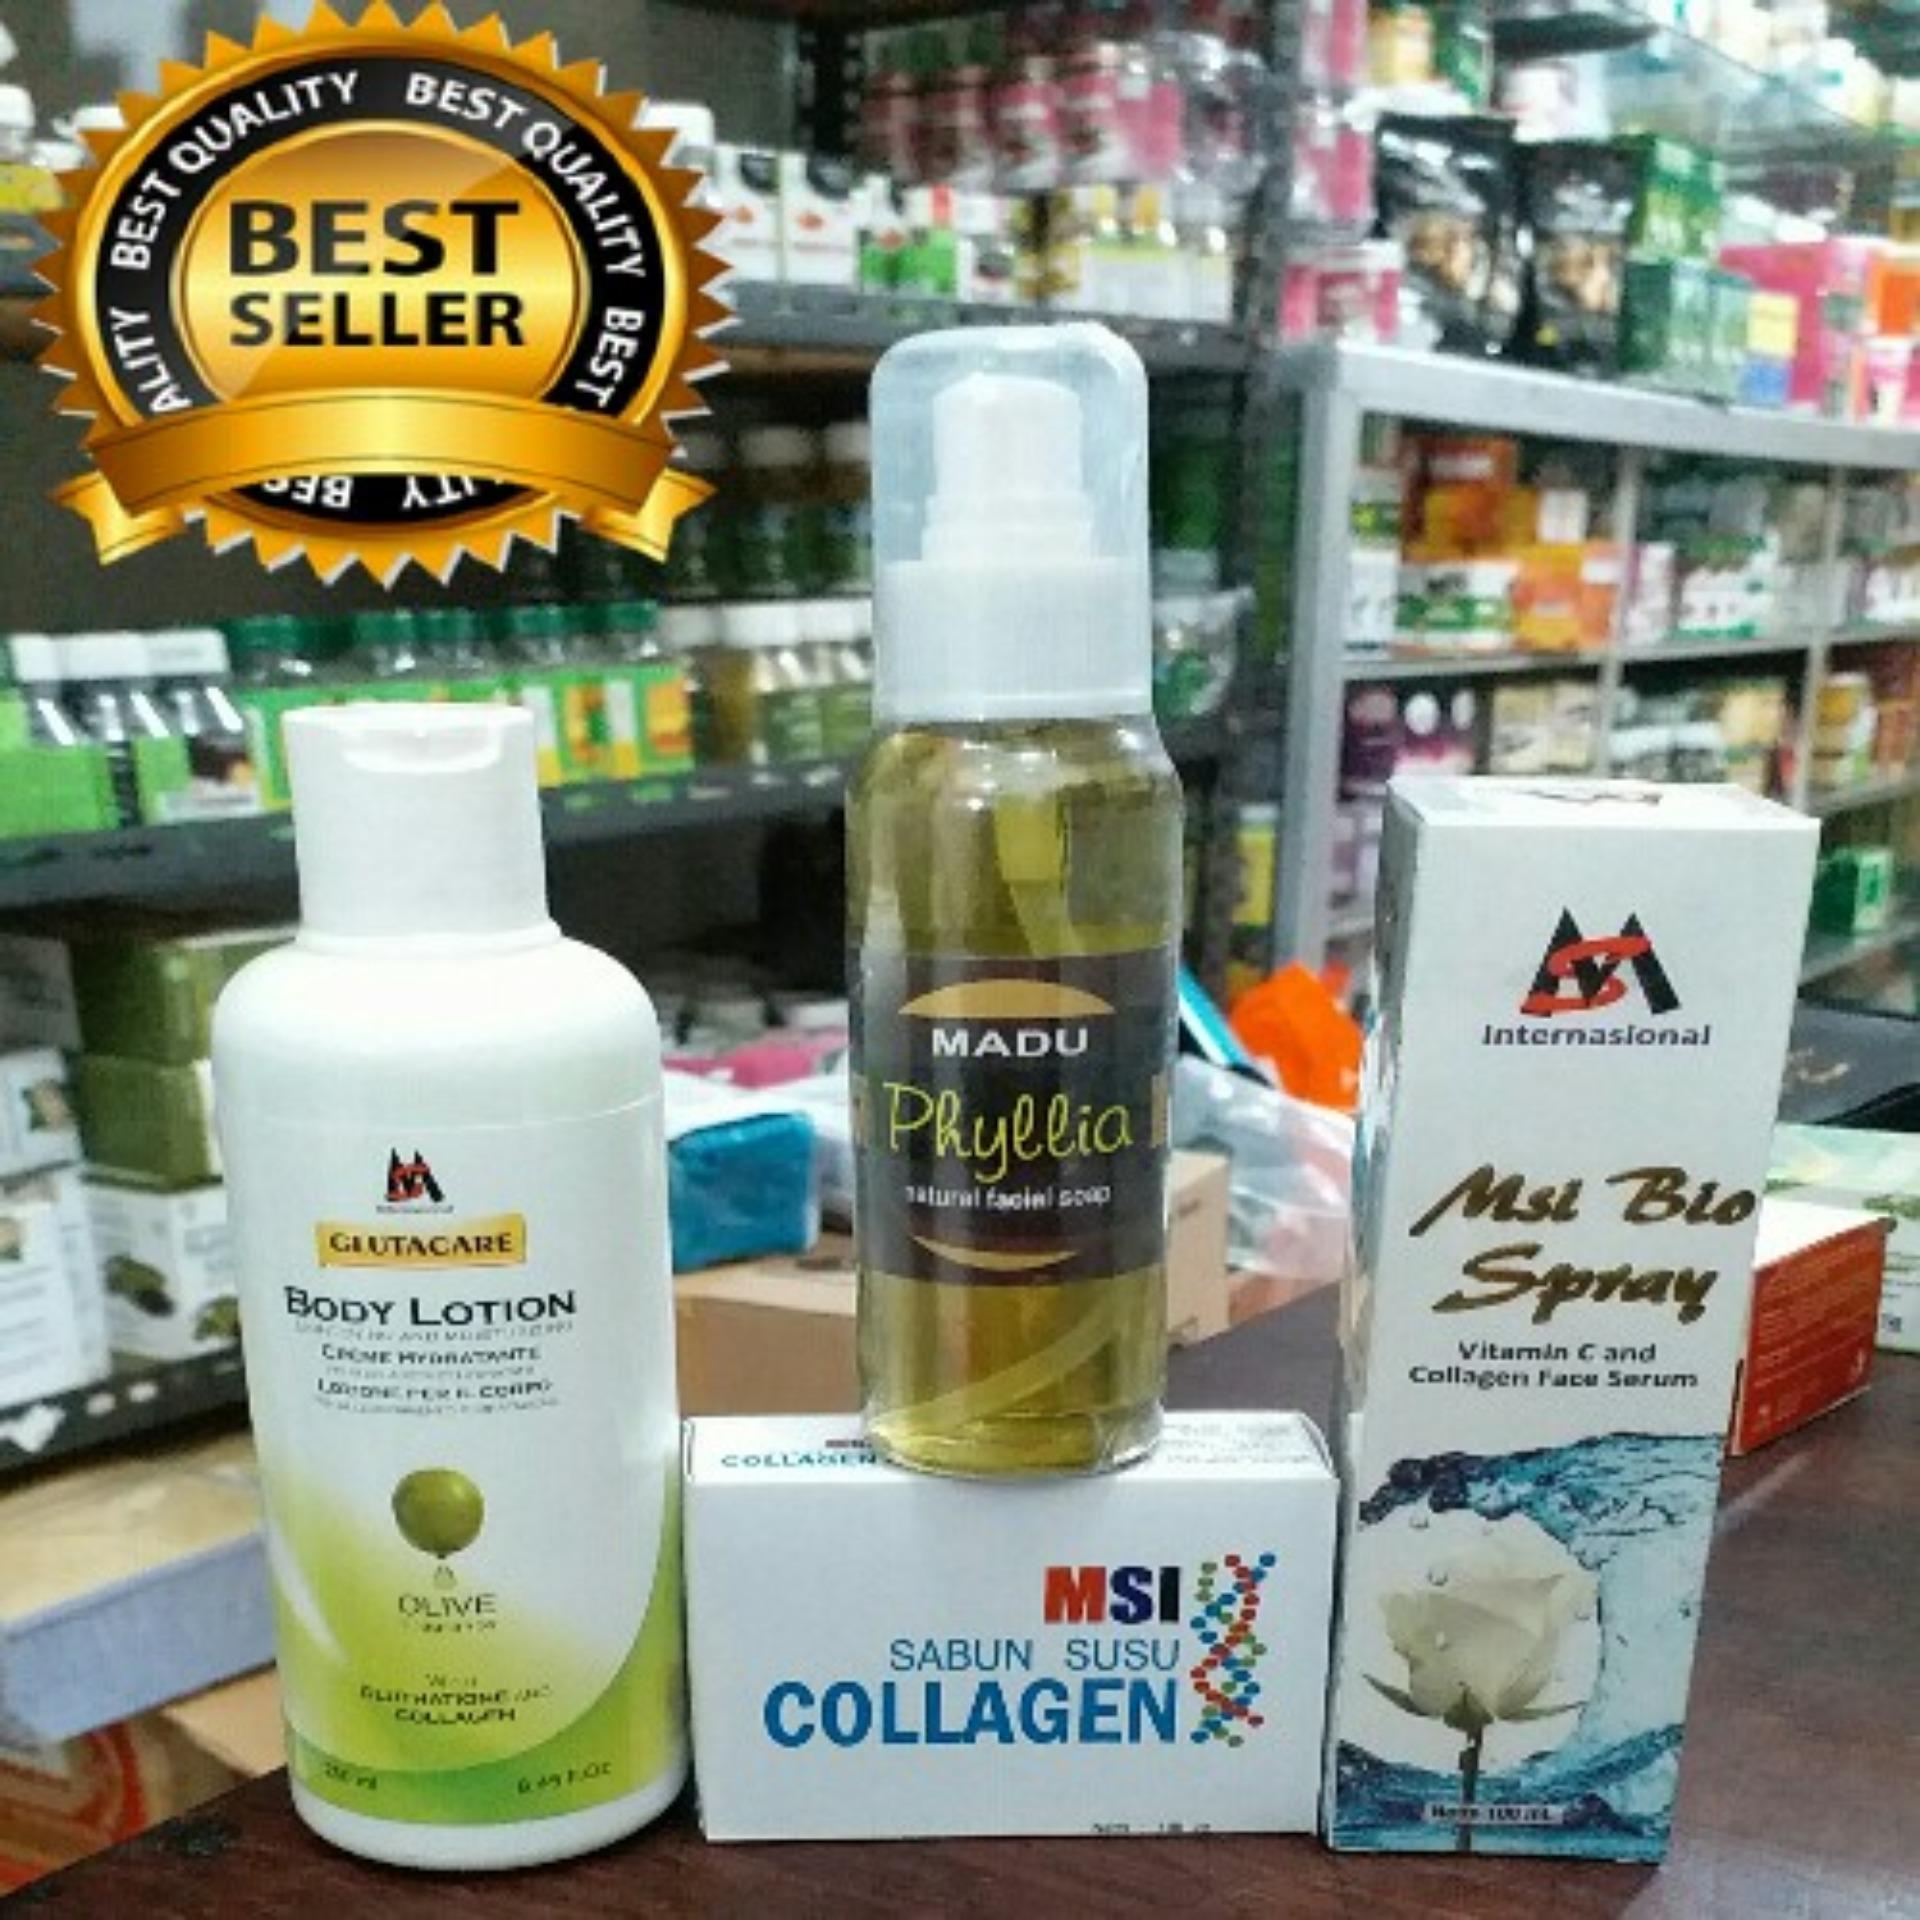 Flash Sale Msi Paket 4in1 Glutacare Bidy Lotion Bio Spray Biospray Sabun Collagen